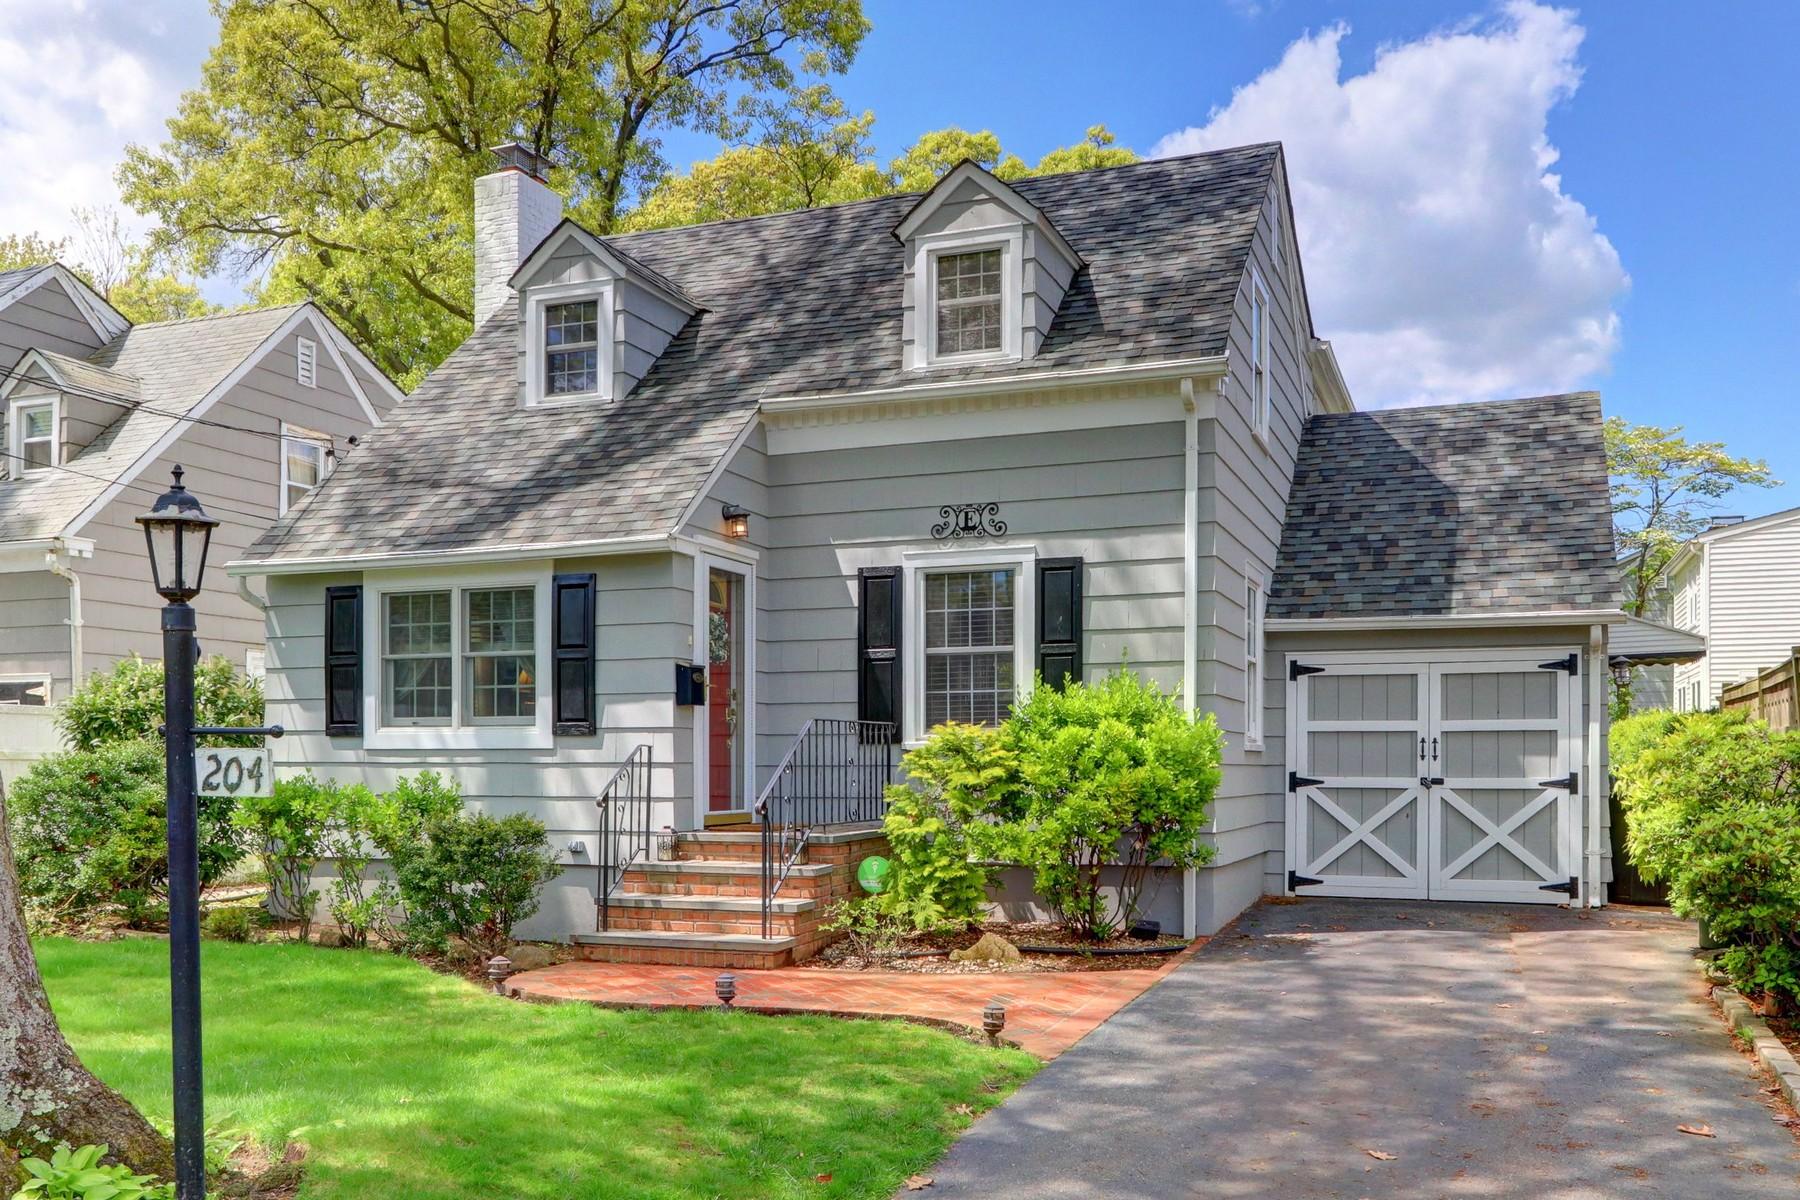 Single Family Homes for Active at Merrick 204 Stuyvesant Ave Merrick, New York 11566 United States